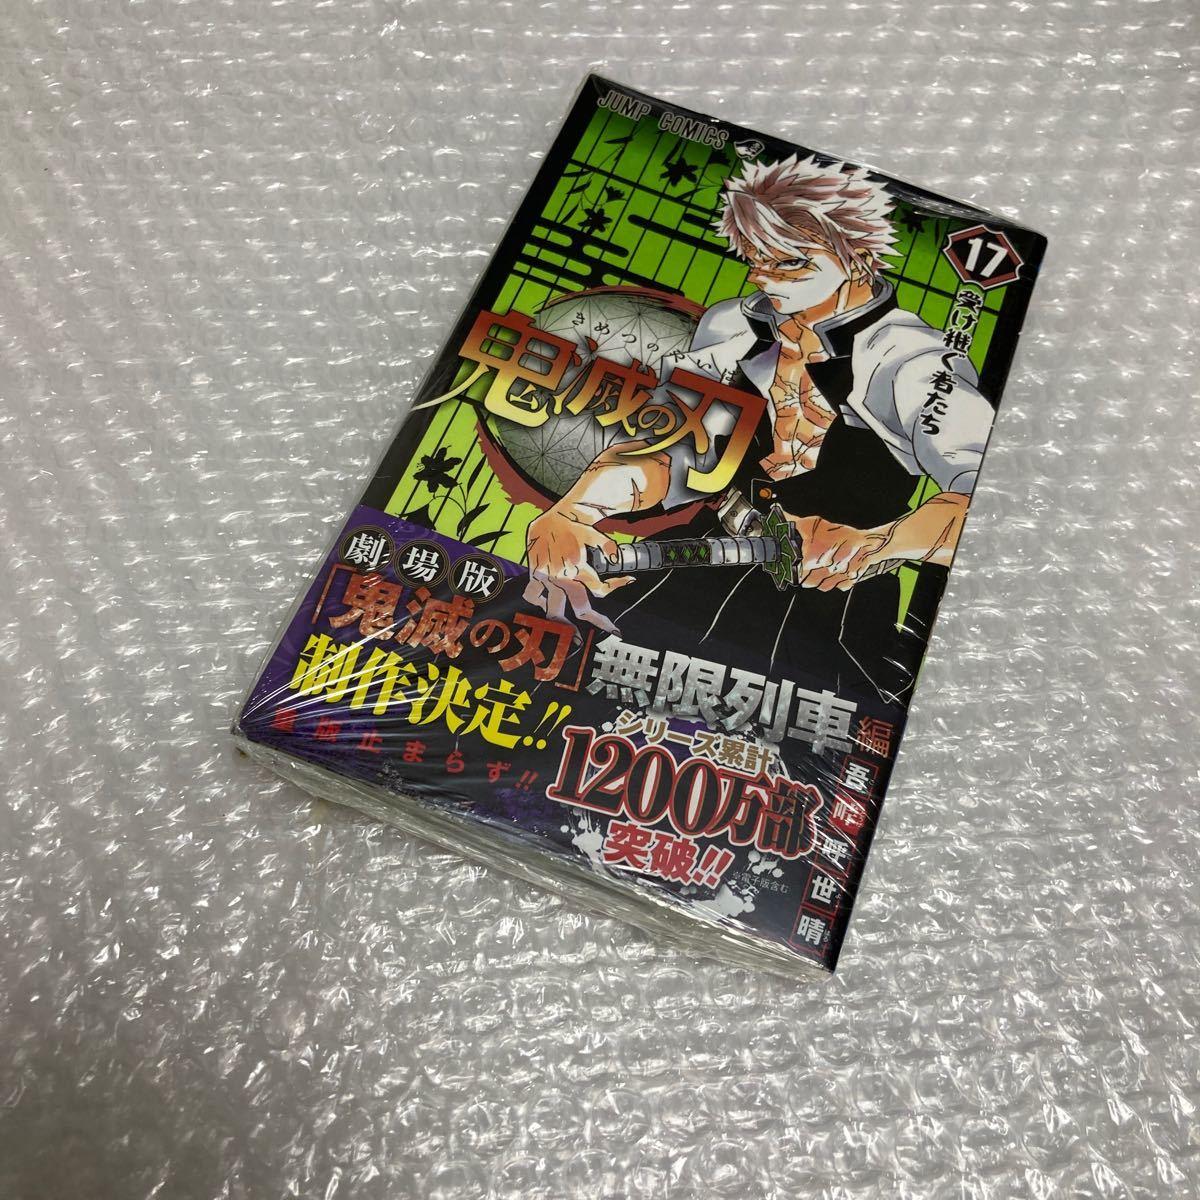 鬼滅の刃 17 (ジャンプコミックス) 初版 17巻 シュリンク付き 未開封